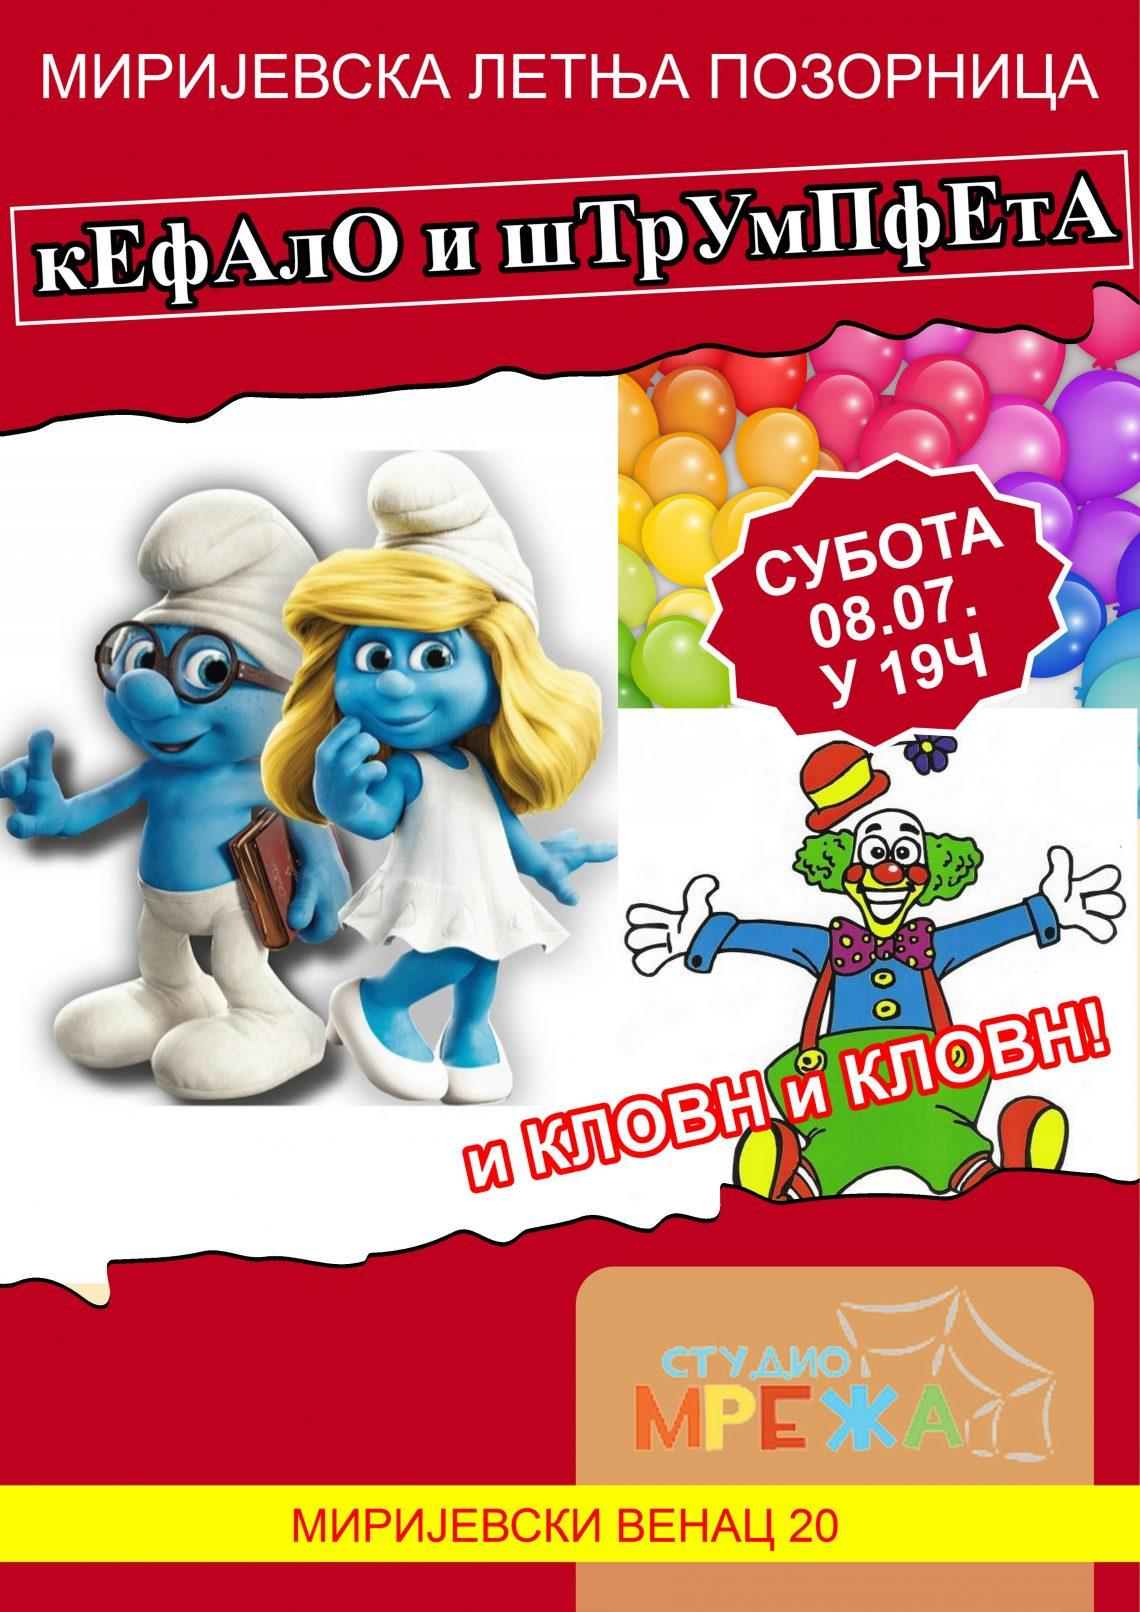 Кефало и Штрумпфета Миријево